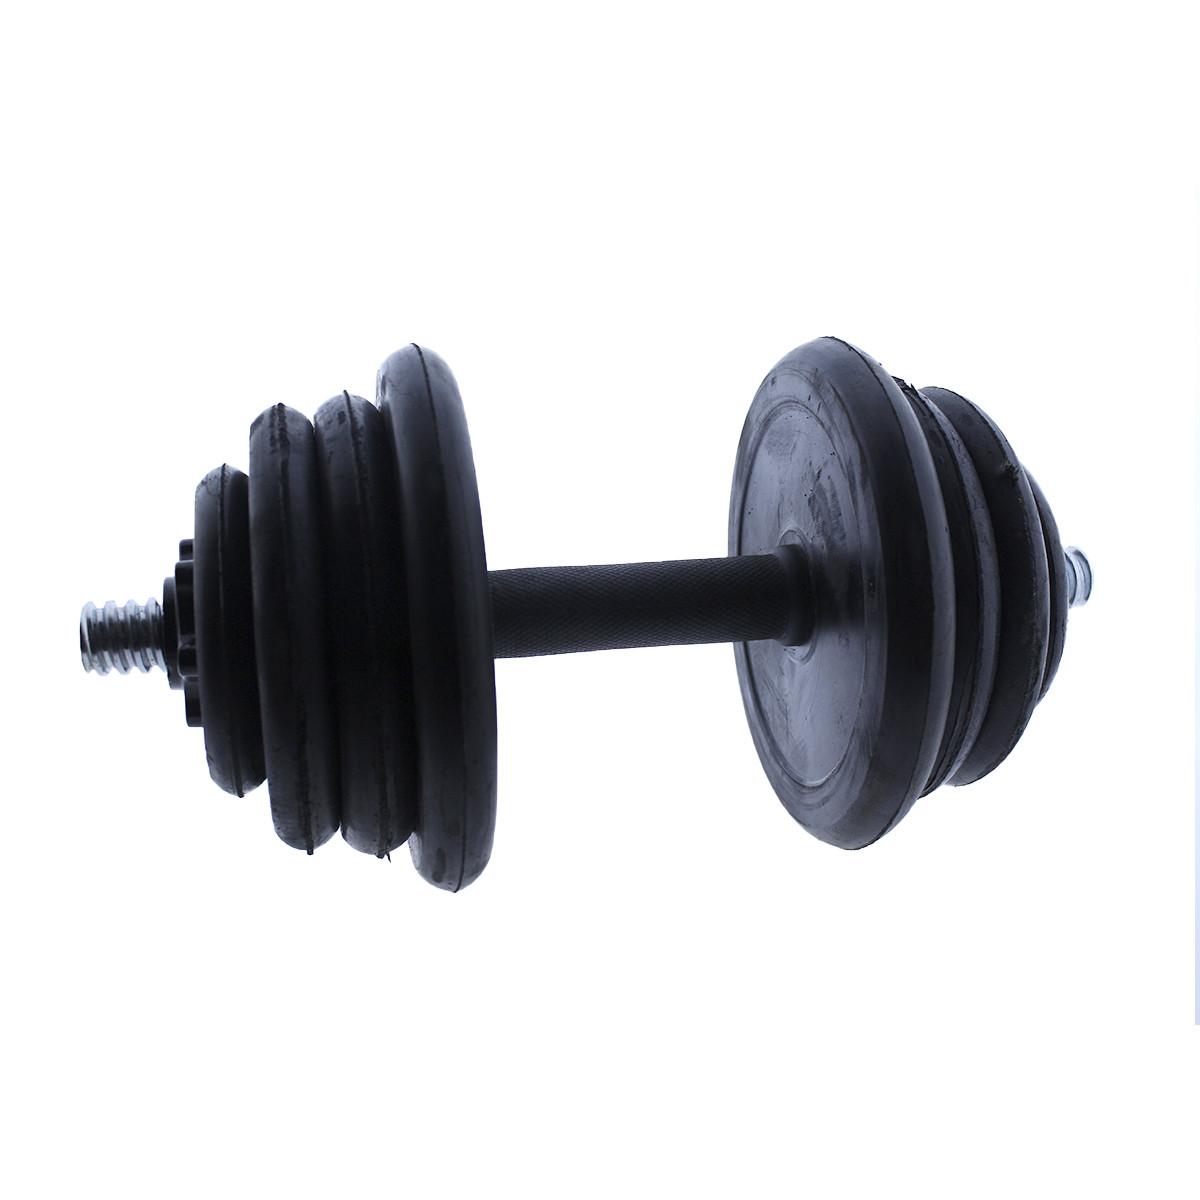 Set-de-mancuernas-ajustables-Negras-con-discos-de-Goma-10kg-12kg-15kg-20-k miniatura 23